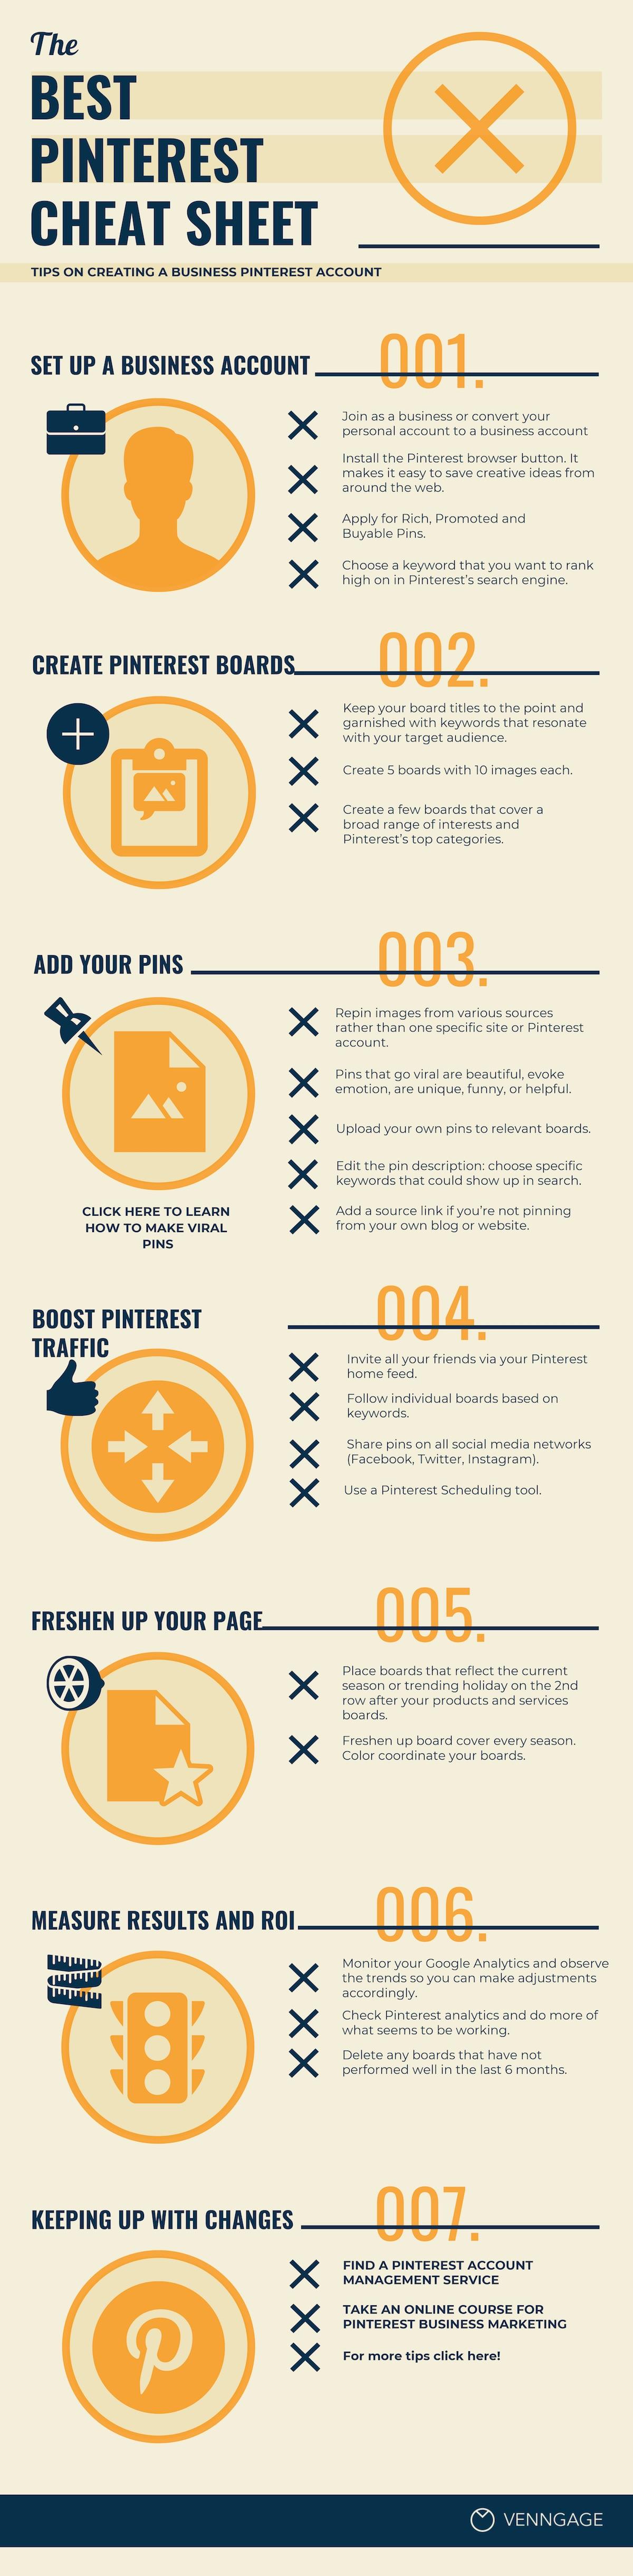 The Best Pinterest Cheat Sheet Infographic Idea2